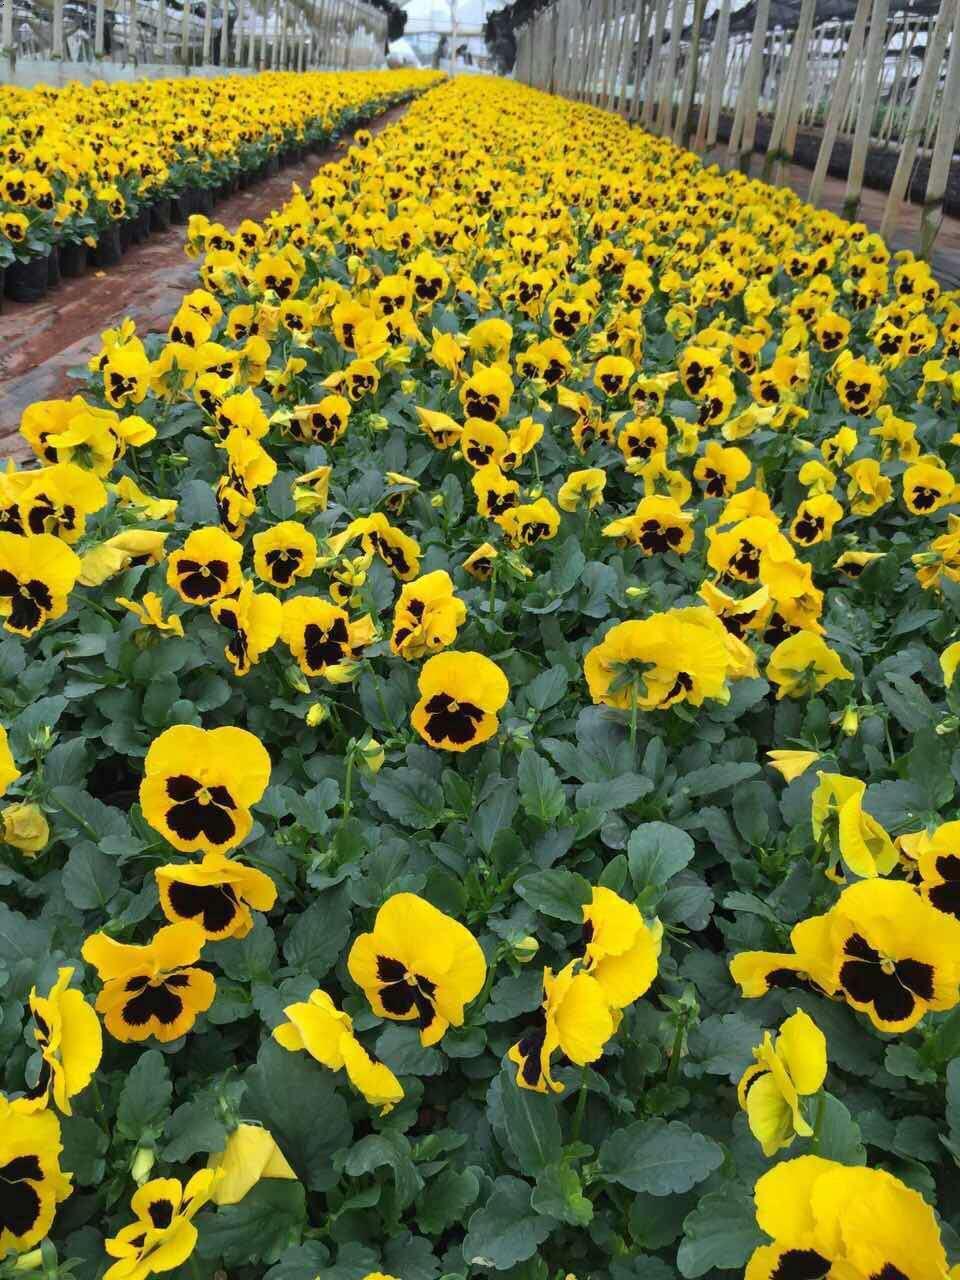 三色堇(學名:ViolatricolorL.)是堇菜目、堇菜科、堇菜屬的一、二年草本植物。